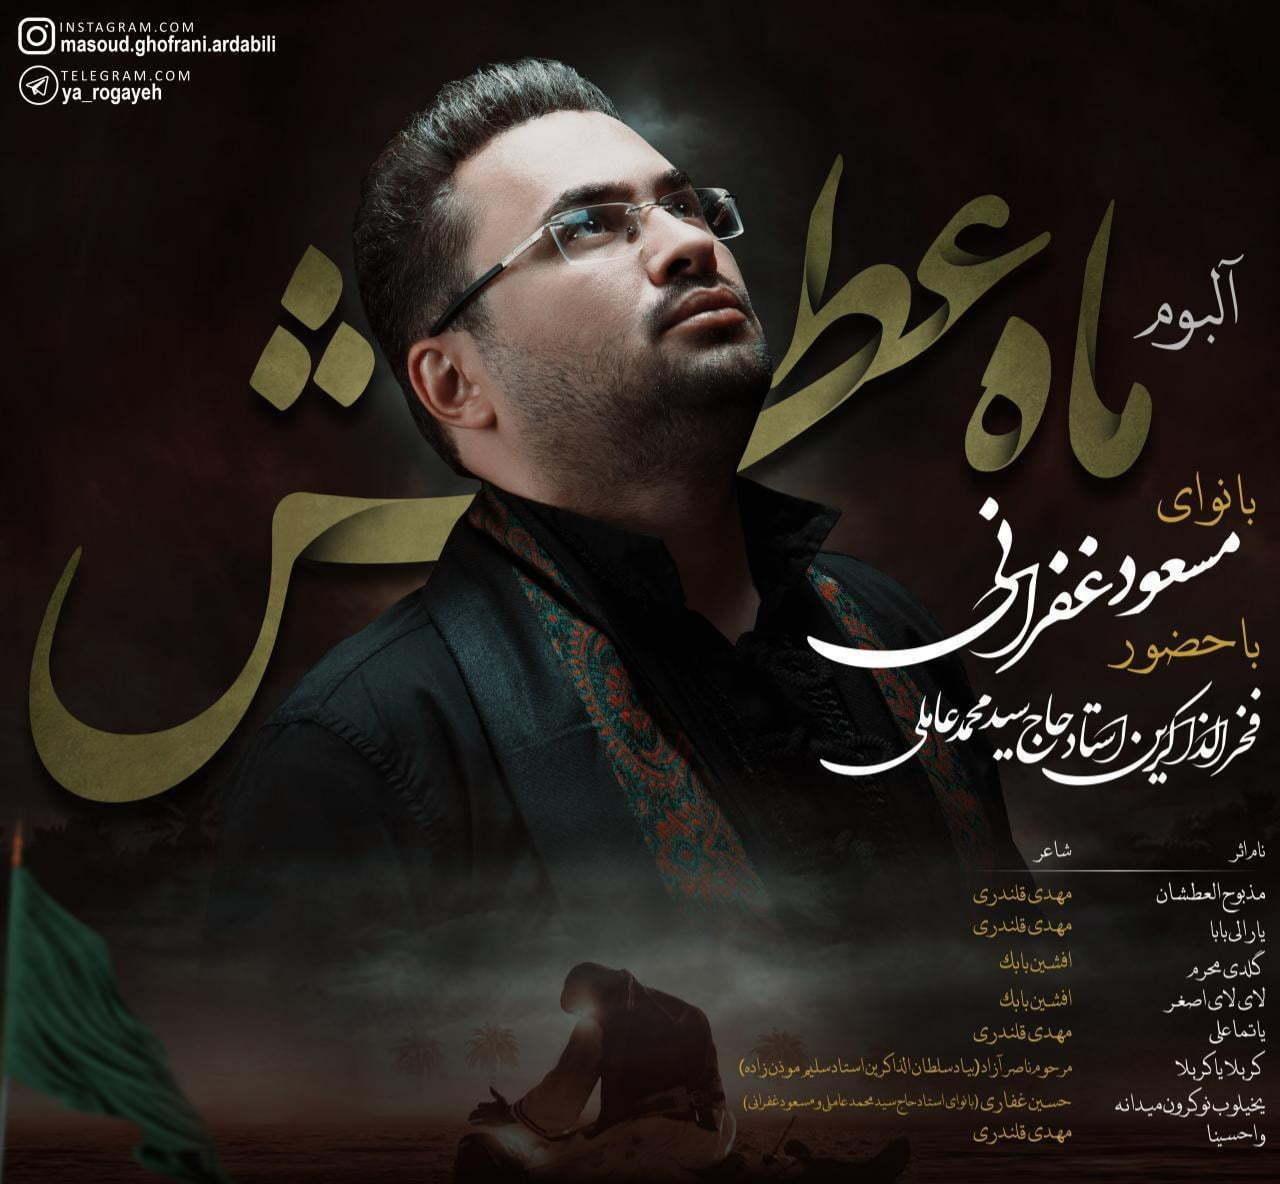 دانلود آهنگ یارالی بابا مسعود غفرانی